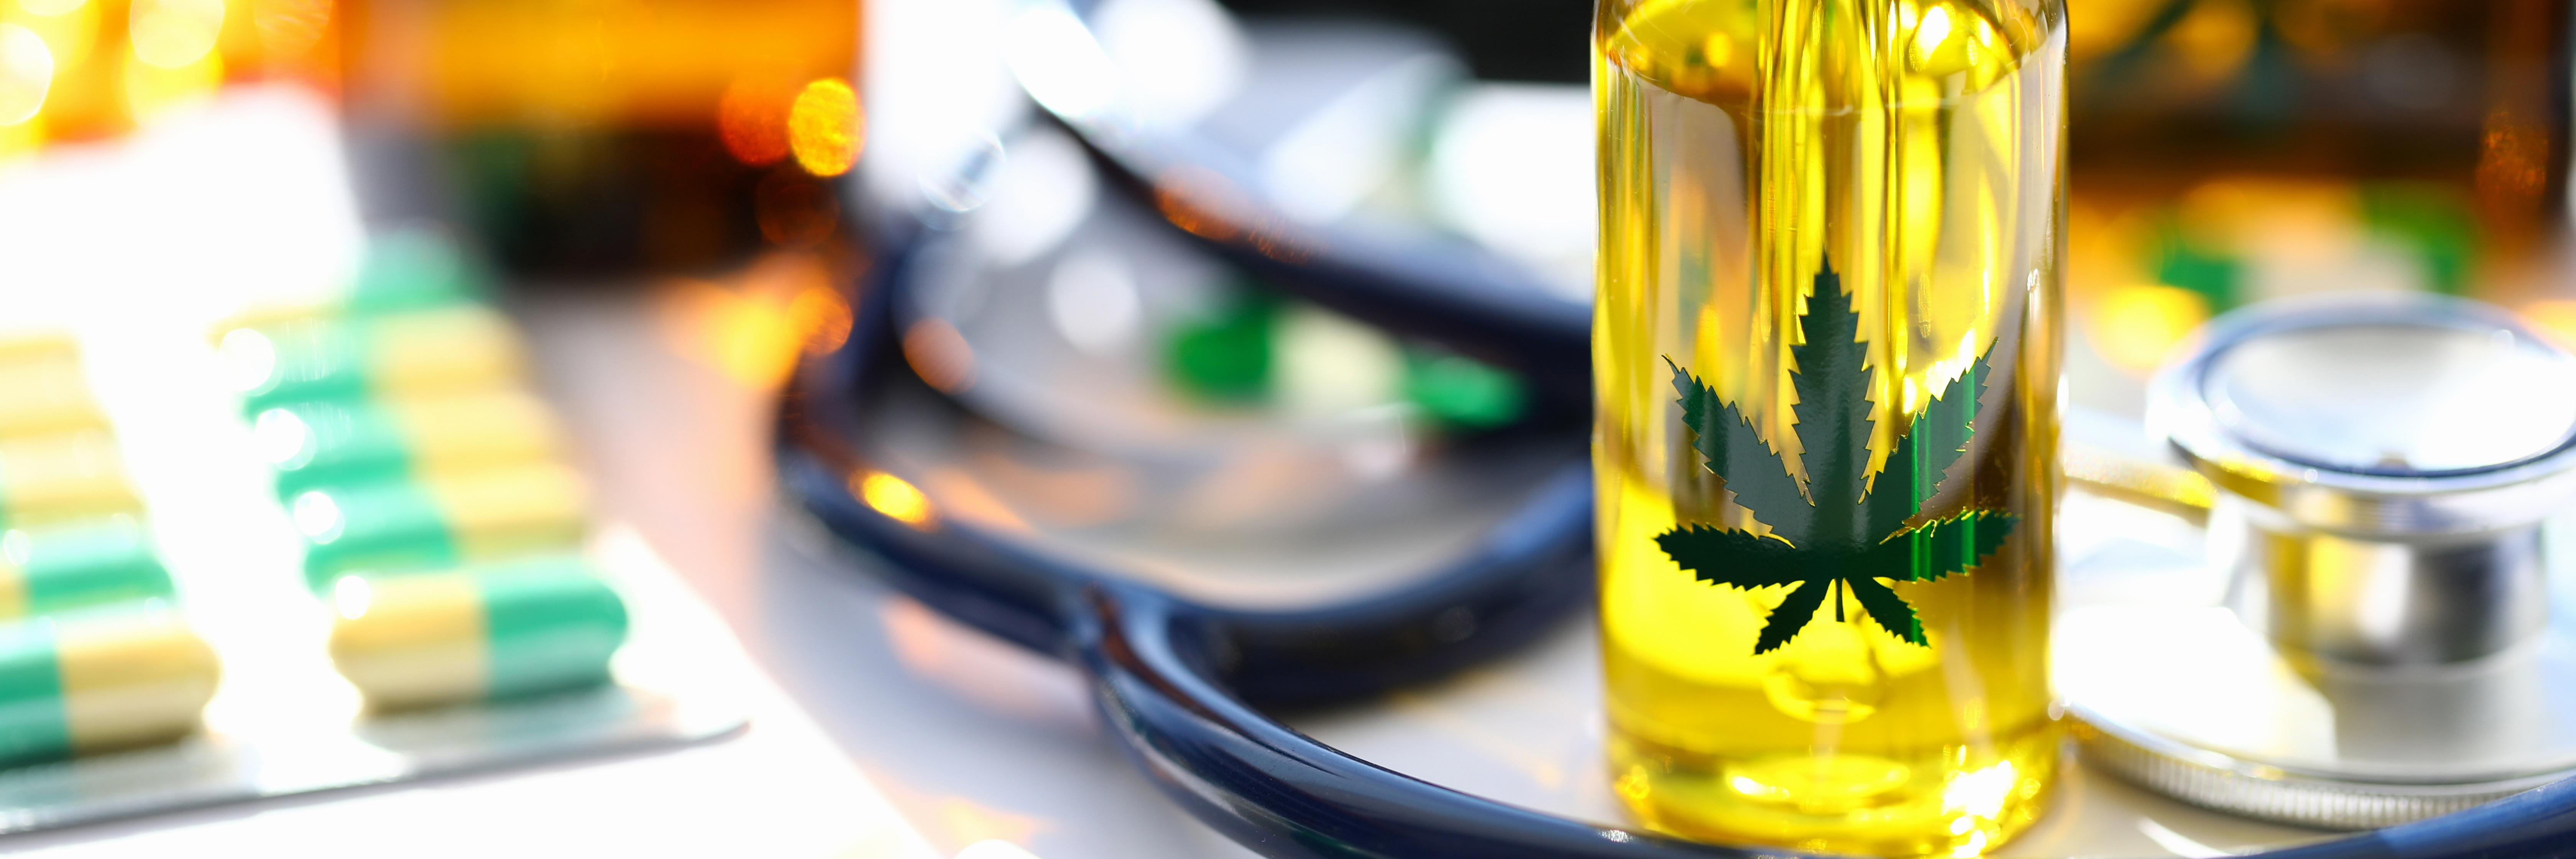 C'est la première étude à identifier une association très significative entre la consommation de cannabis et la prévalence de l'asthme  (Visuel Adobe Stock 297152964)